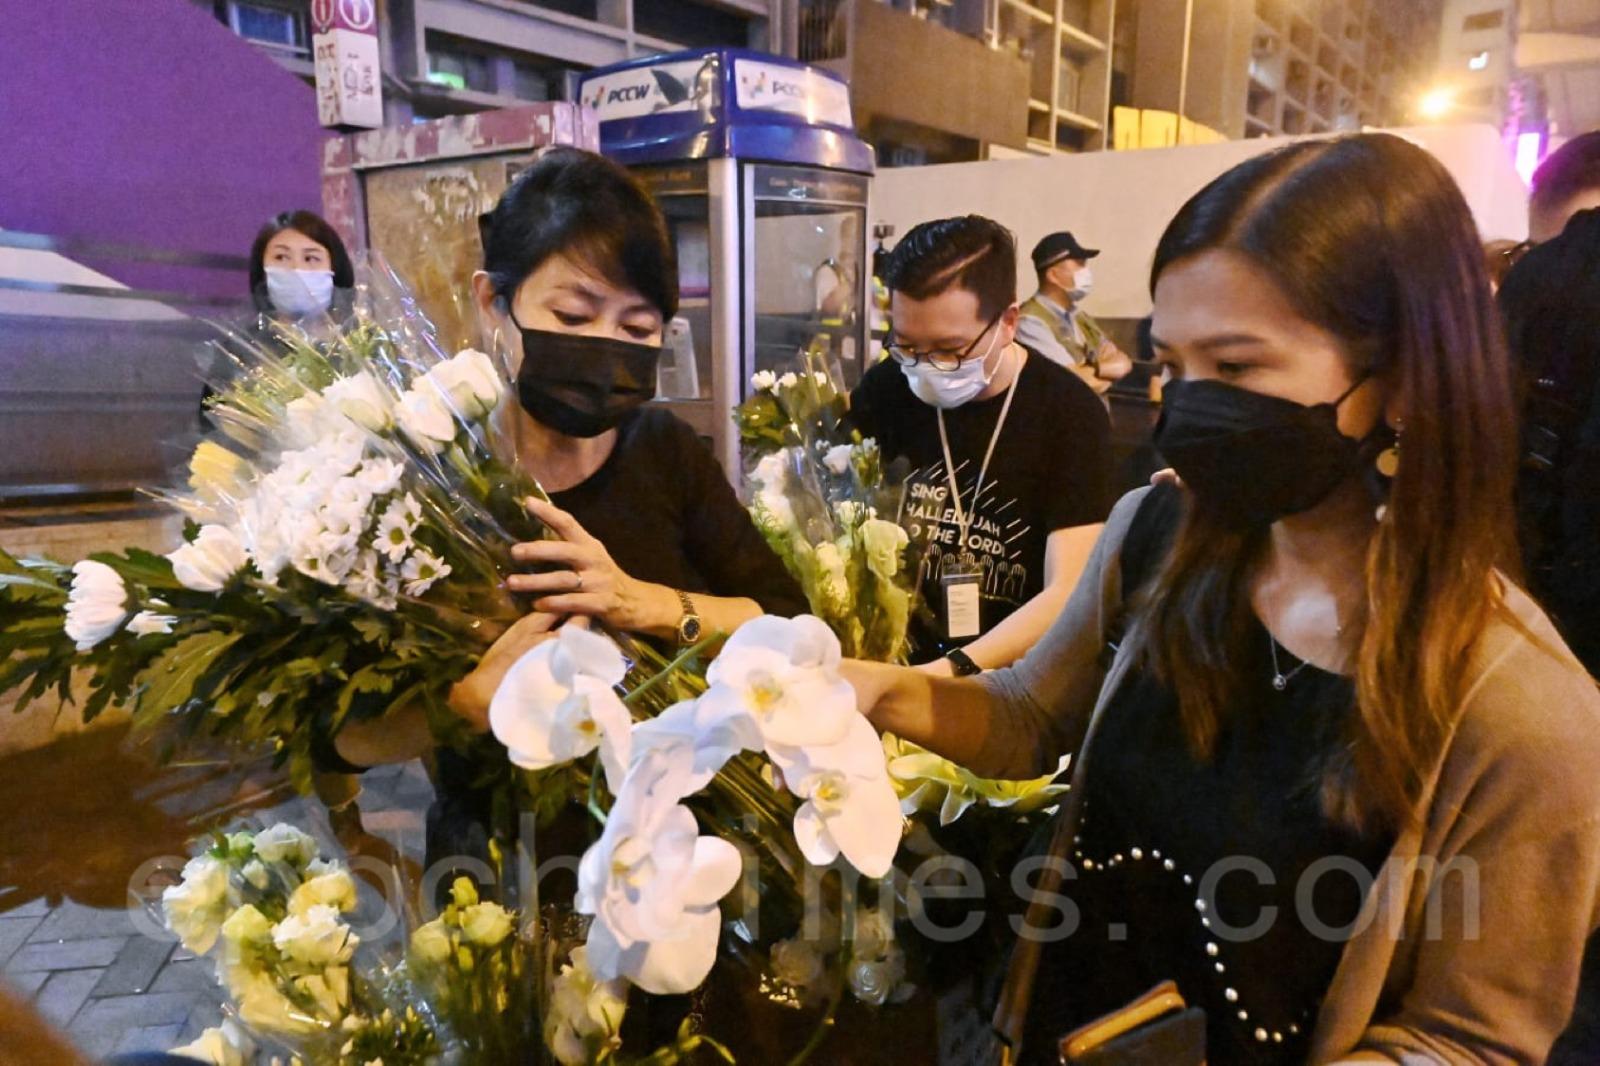 立法會議員毛孟靜到太子站幫忙整理花束。(宋碧龍/大紀元)